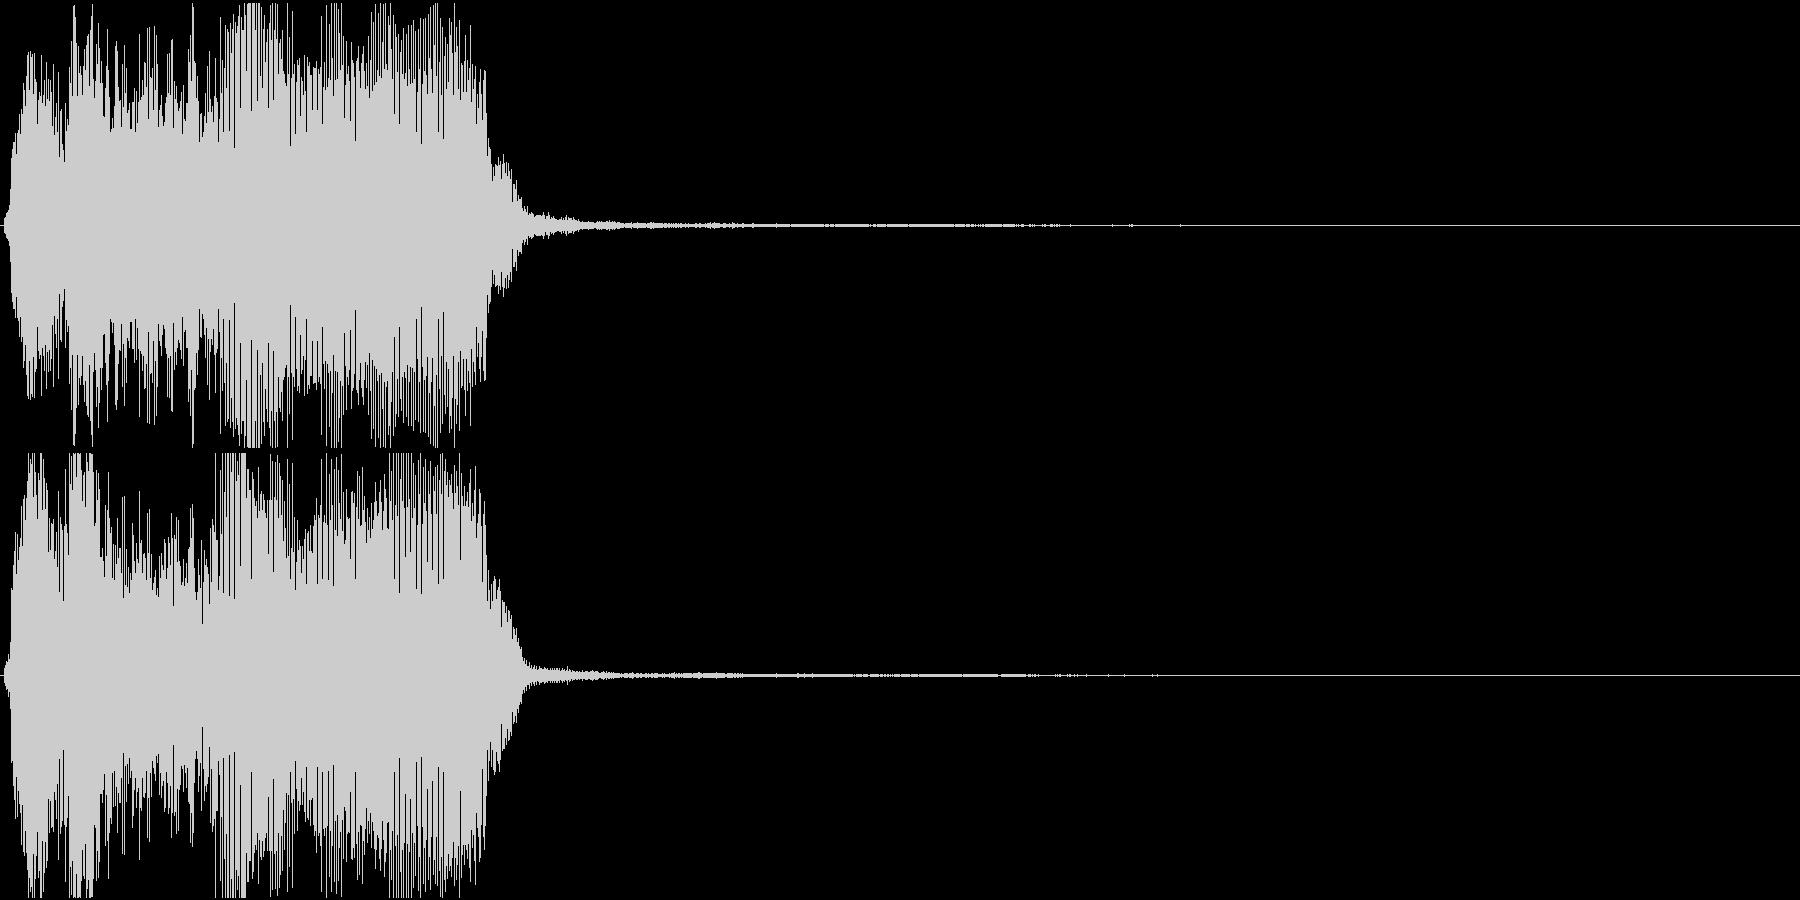 トランペット ファンファーレ 定番 25の未再生の波形